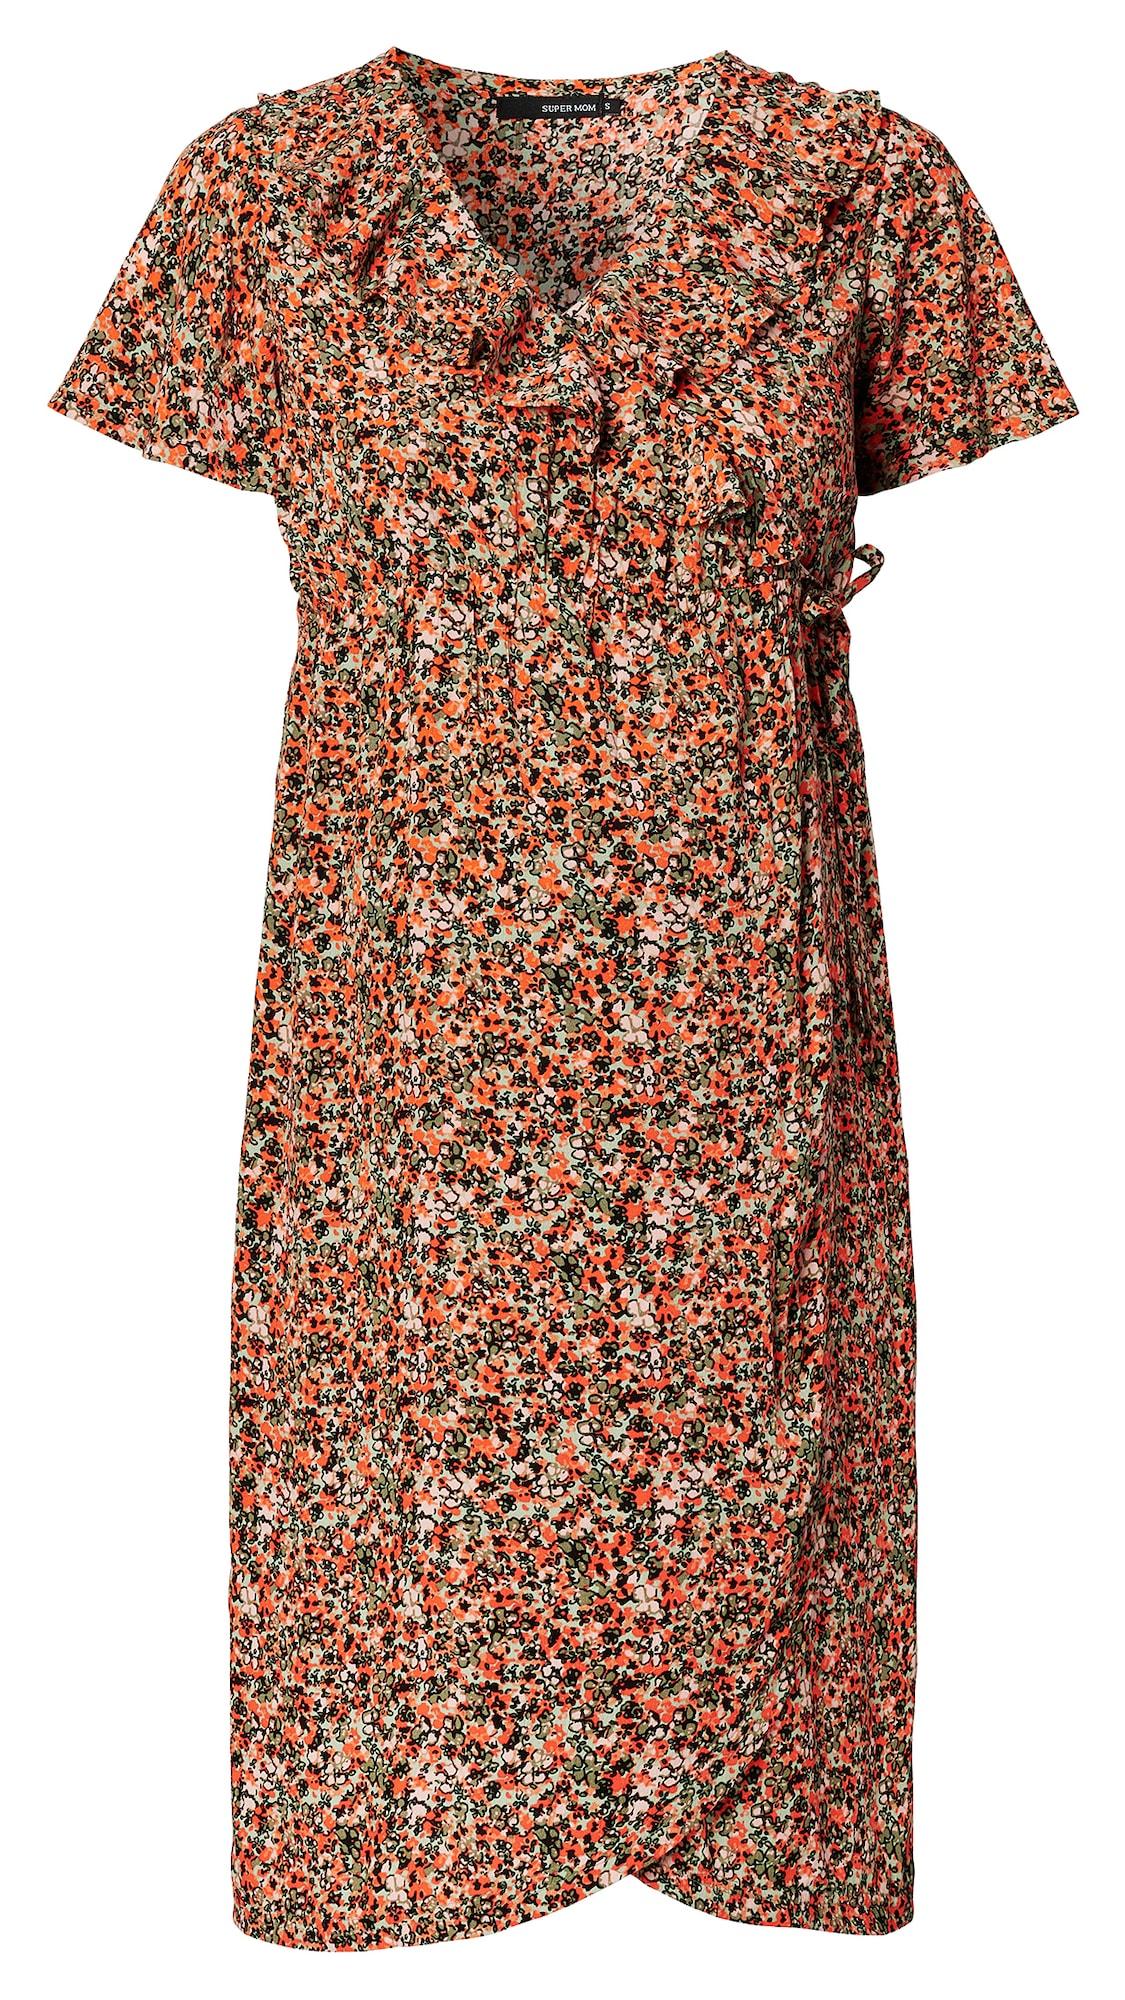 Supermom Suknelė oranžinė / rusvai žalia / pastelinė žalia / rožių spalva / juoda